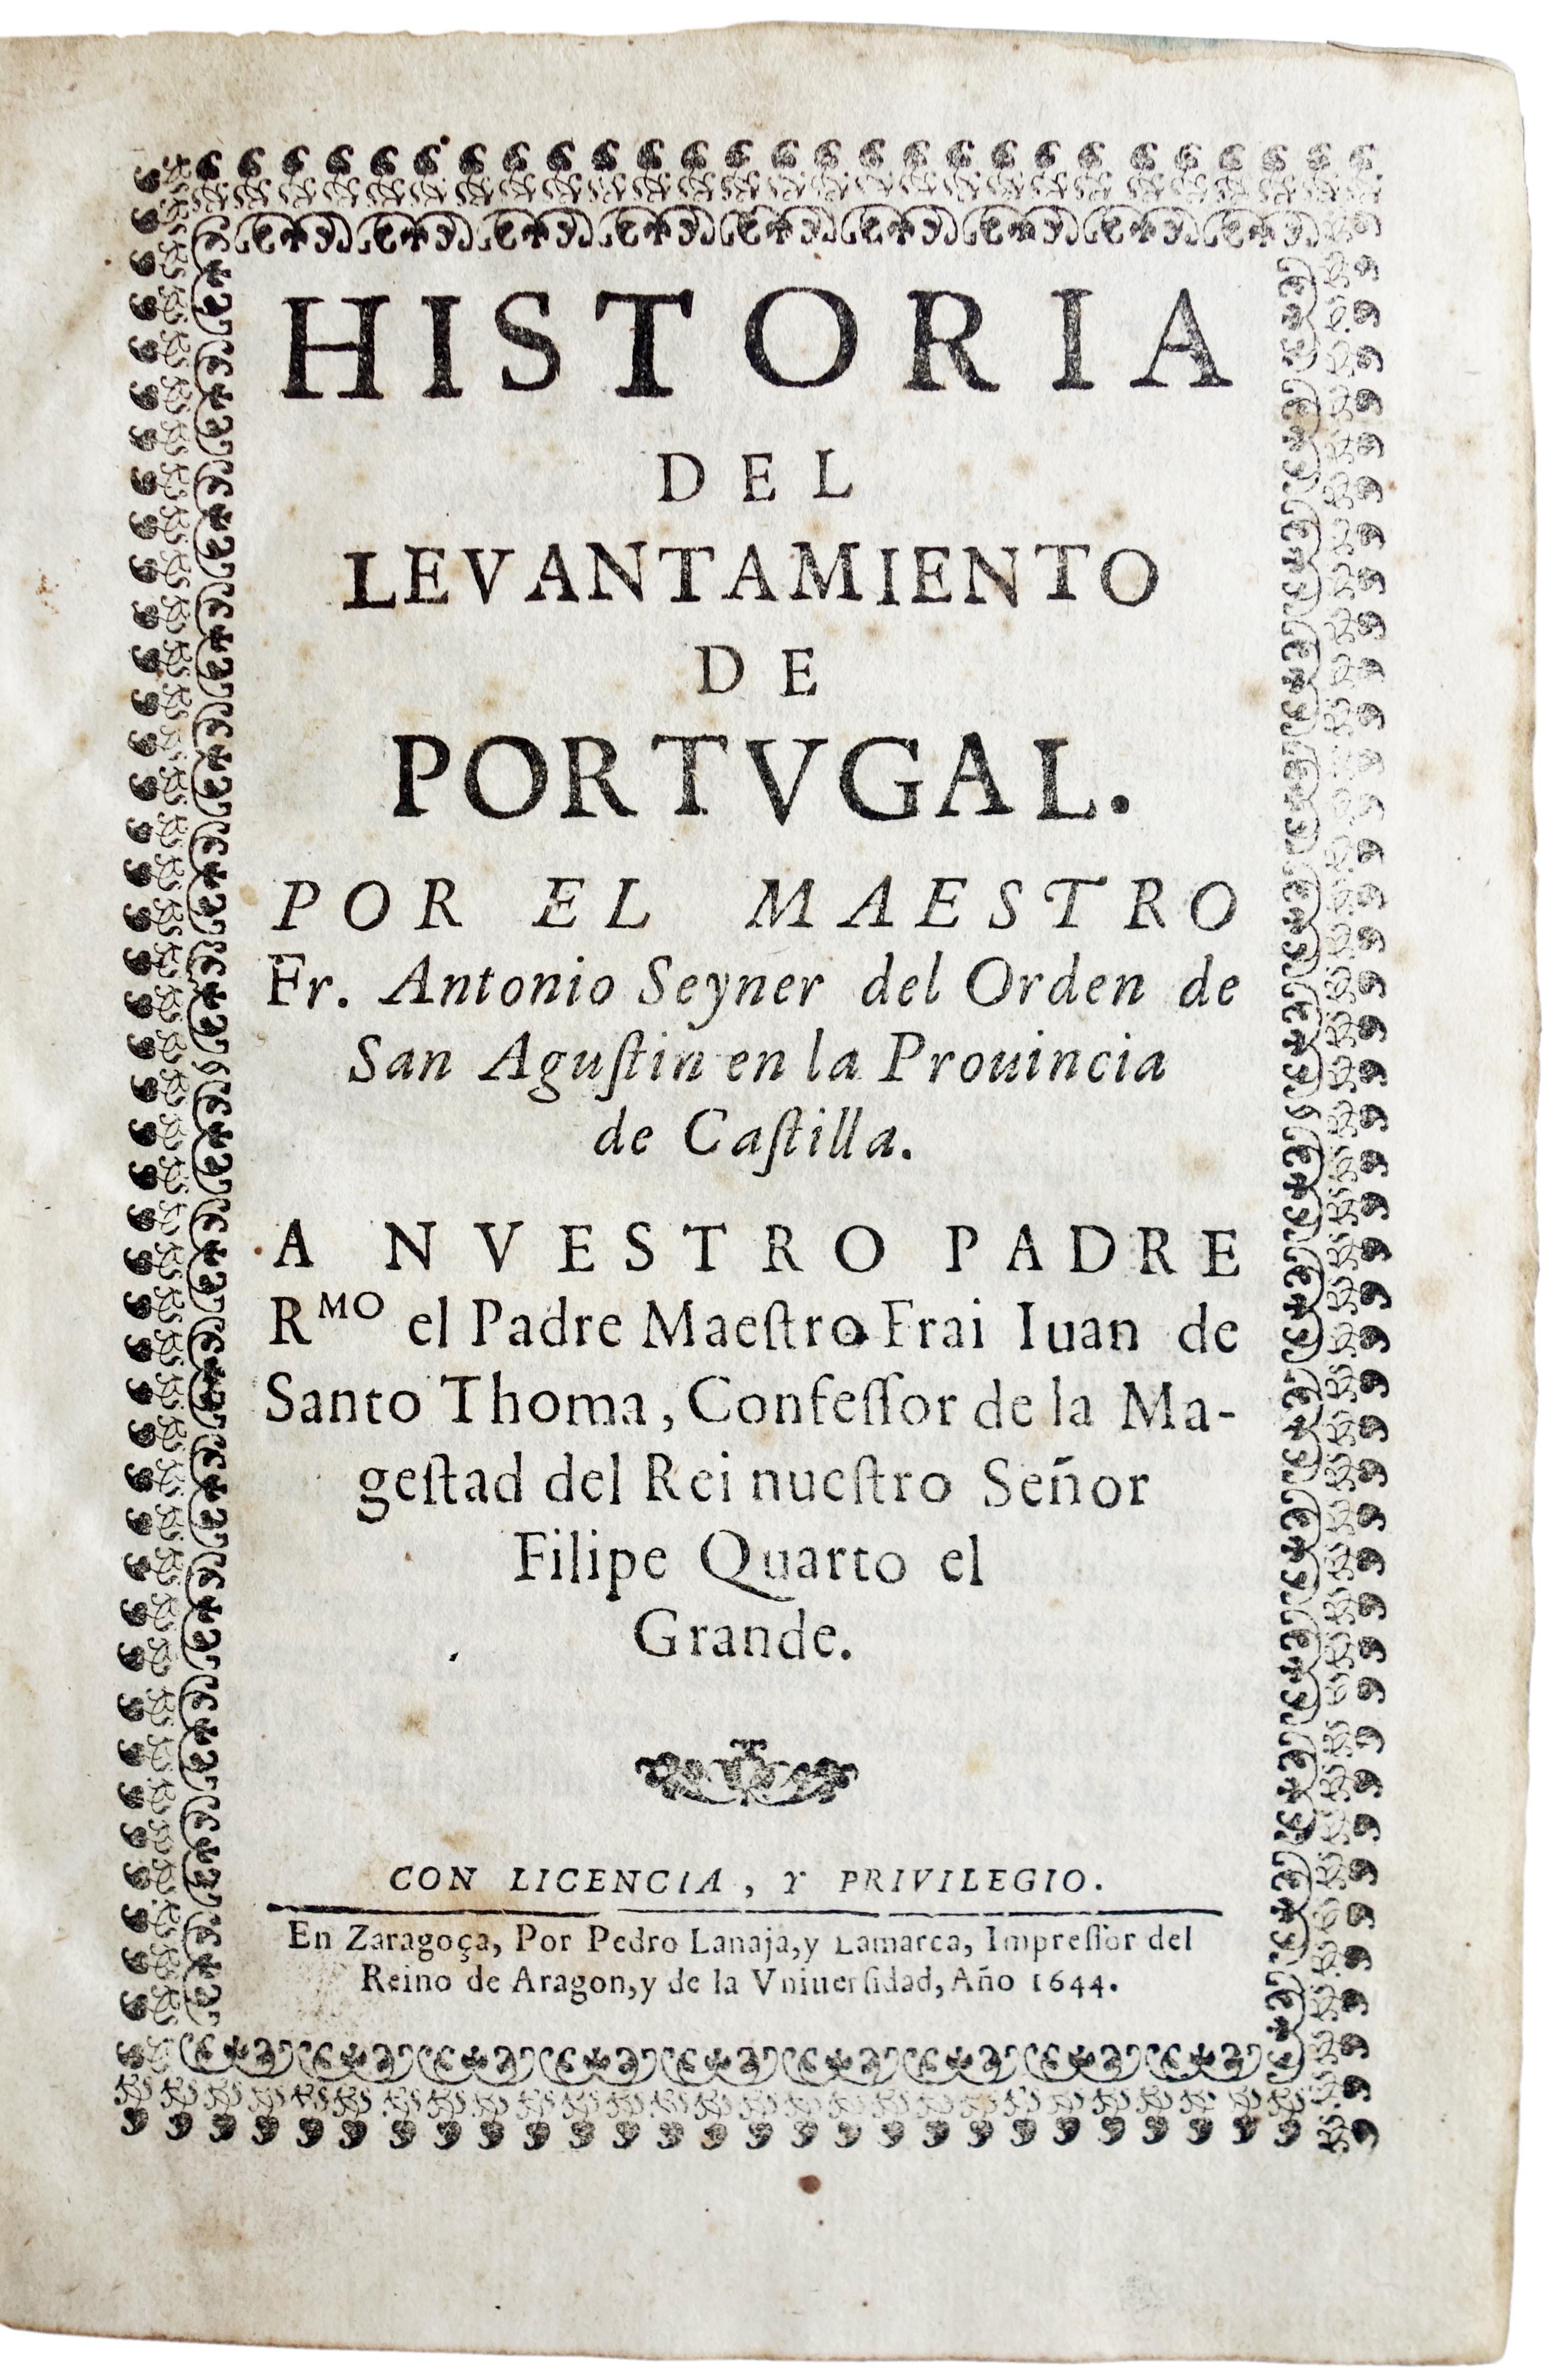 viaLibri ~ Rare Books from 1644 - Page 3